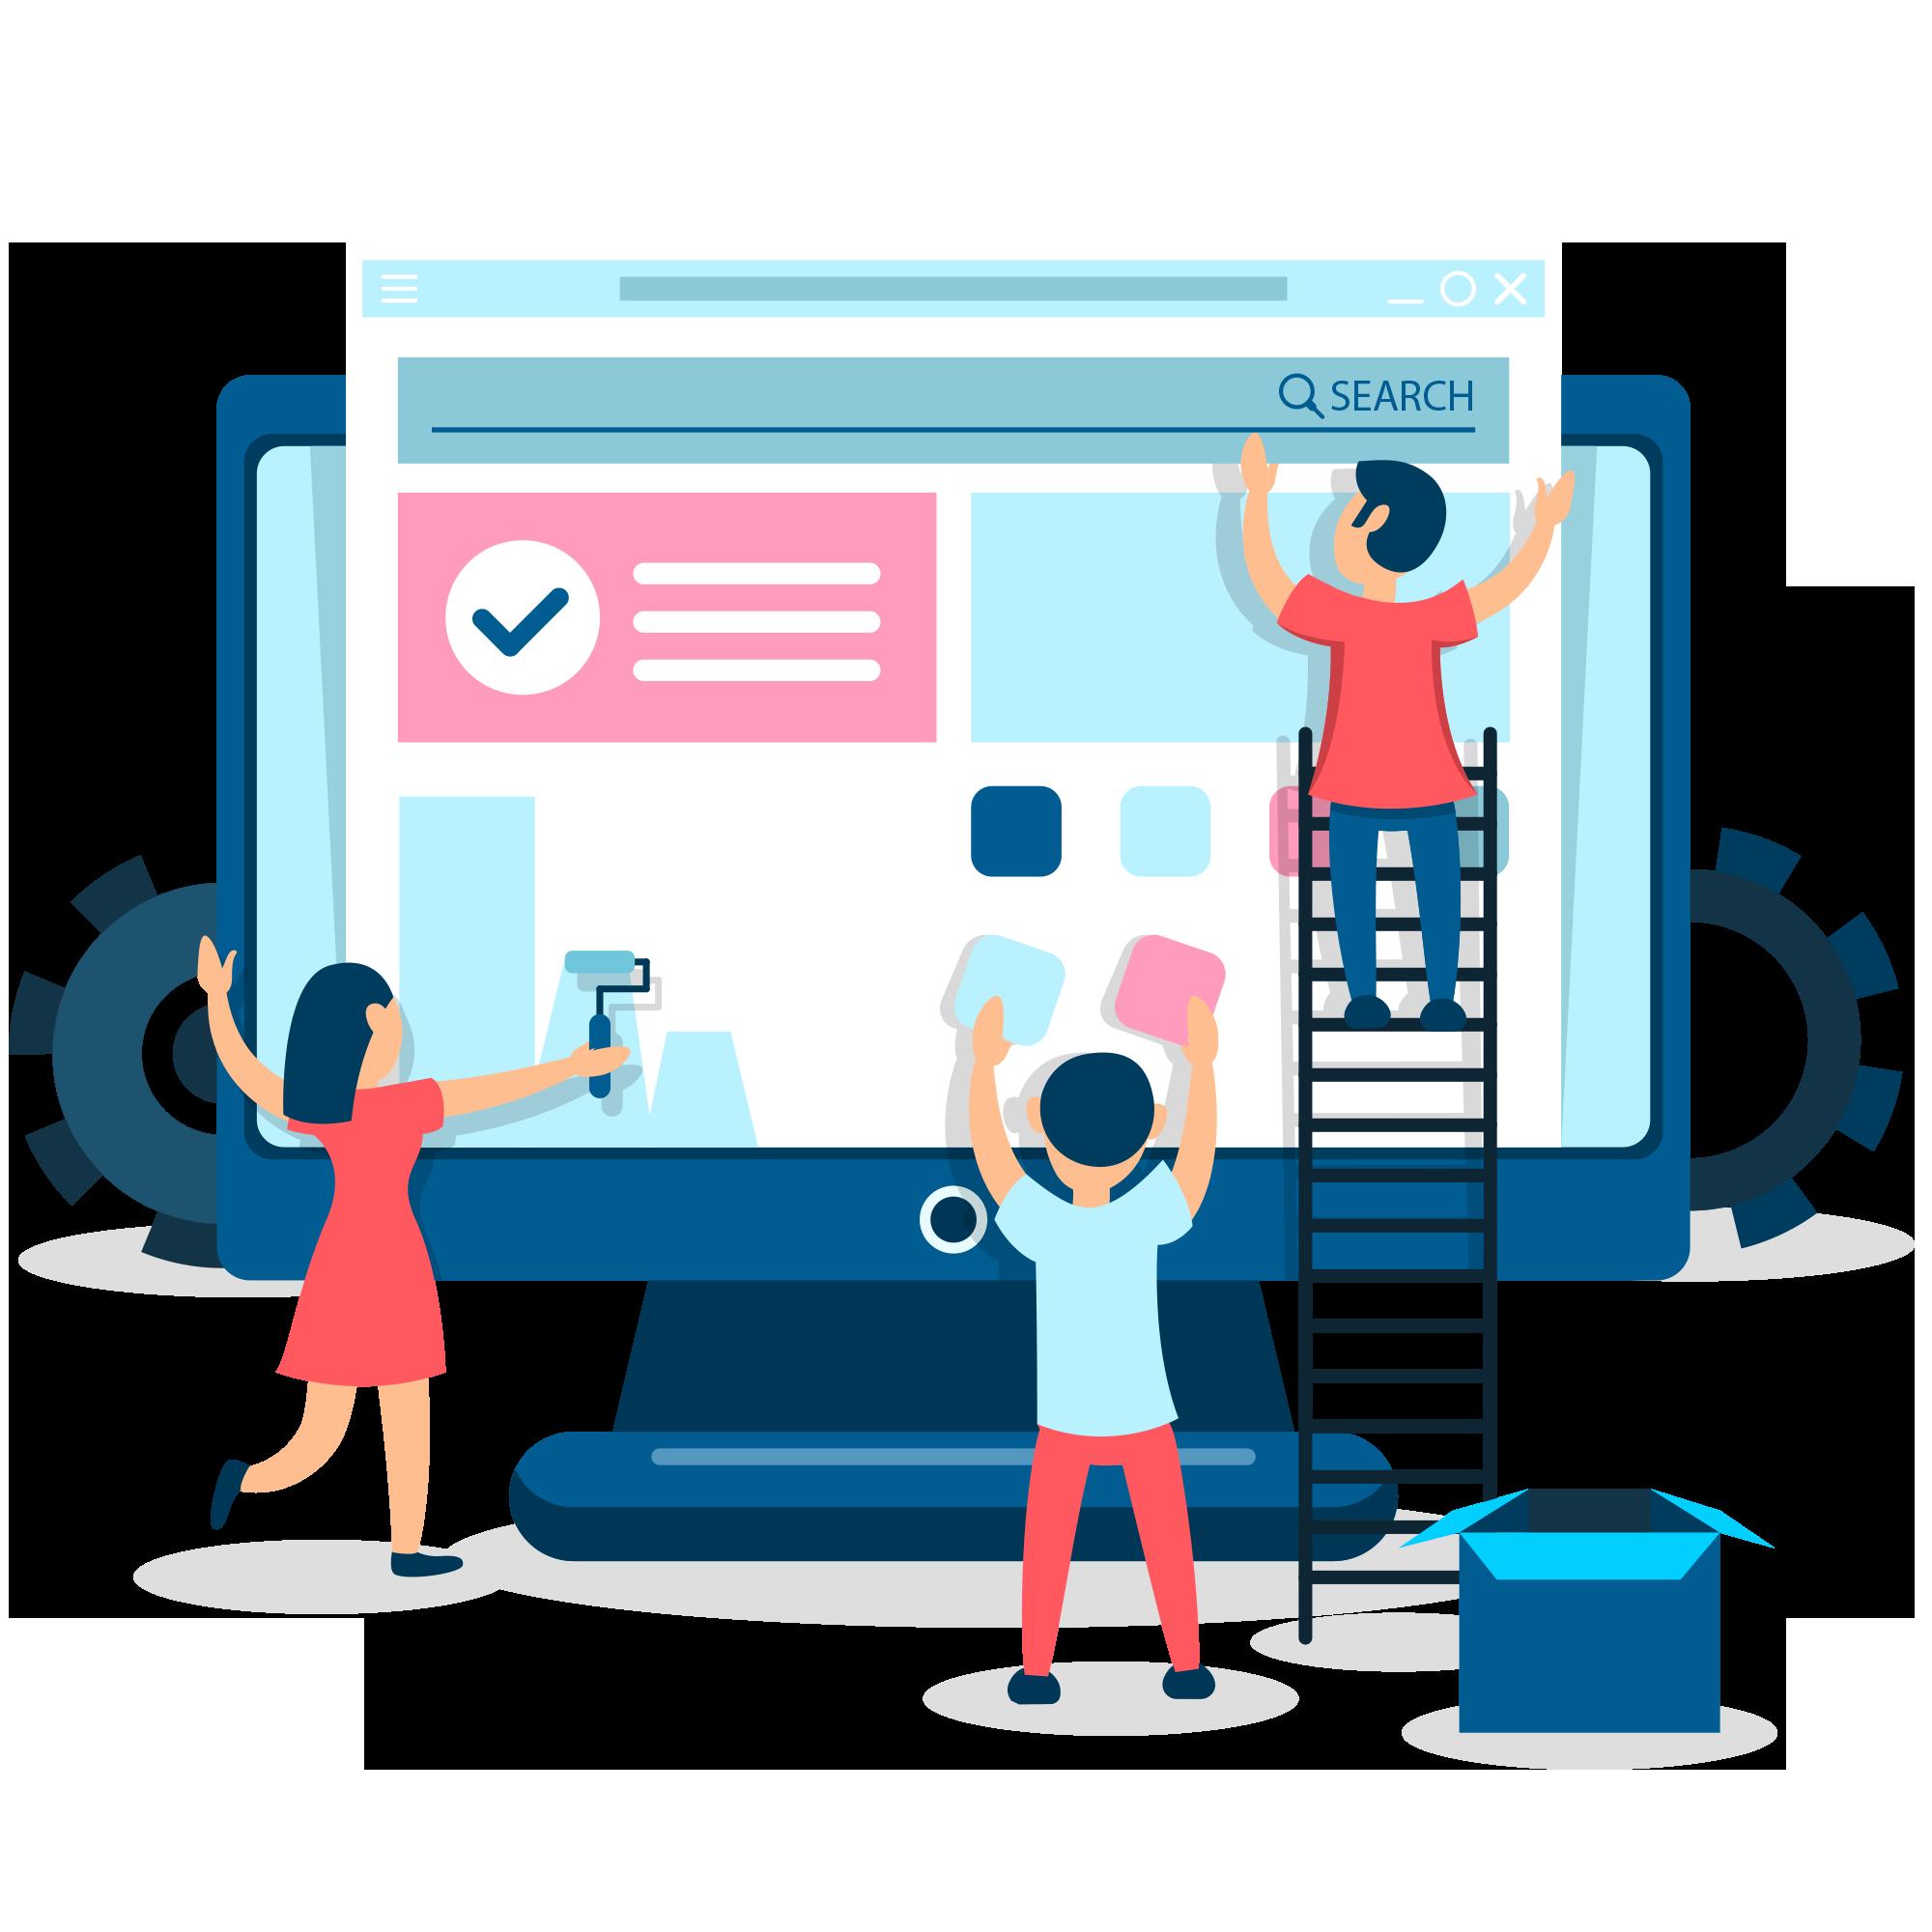 تصميم وتطوير تطبيقات الويب .